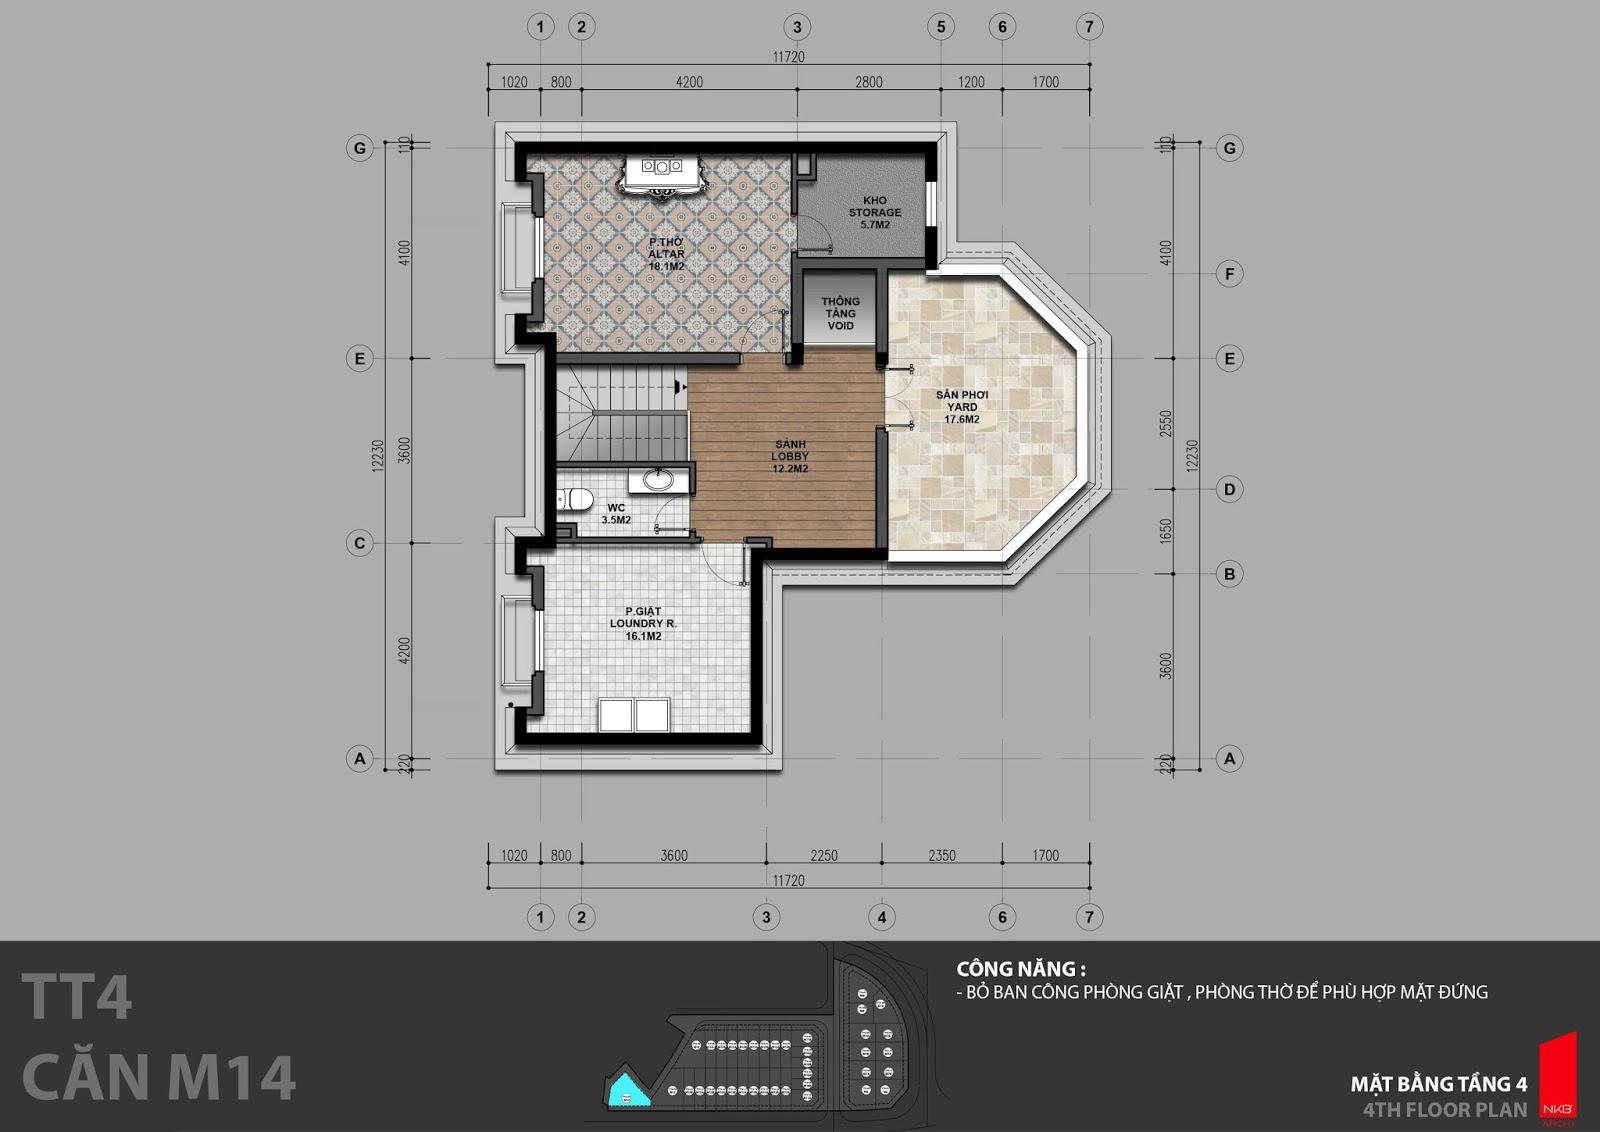 Mặt bằng tầng 4 biệt thự đơn lập